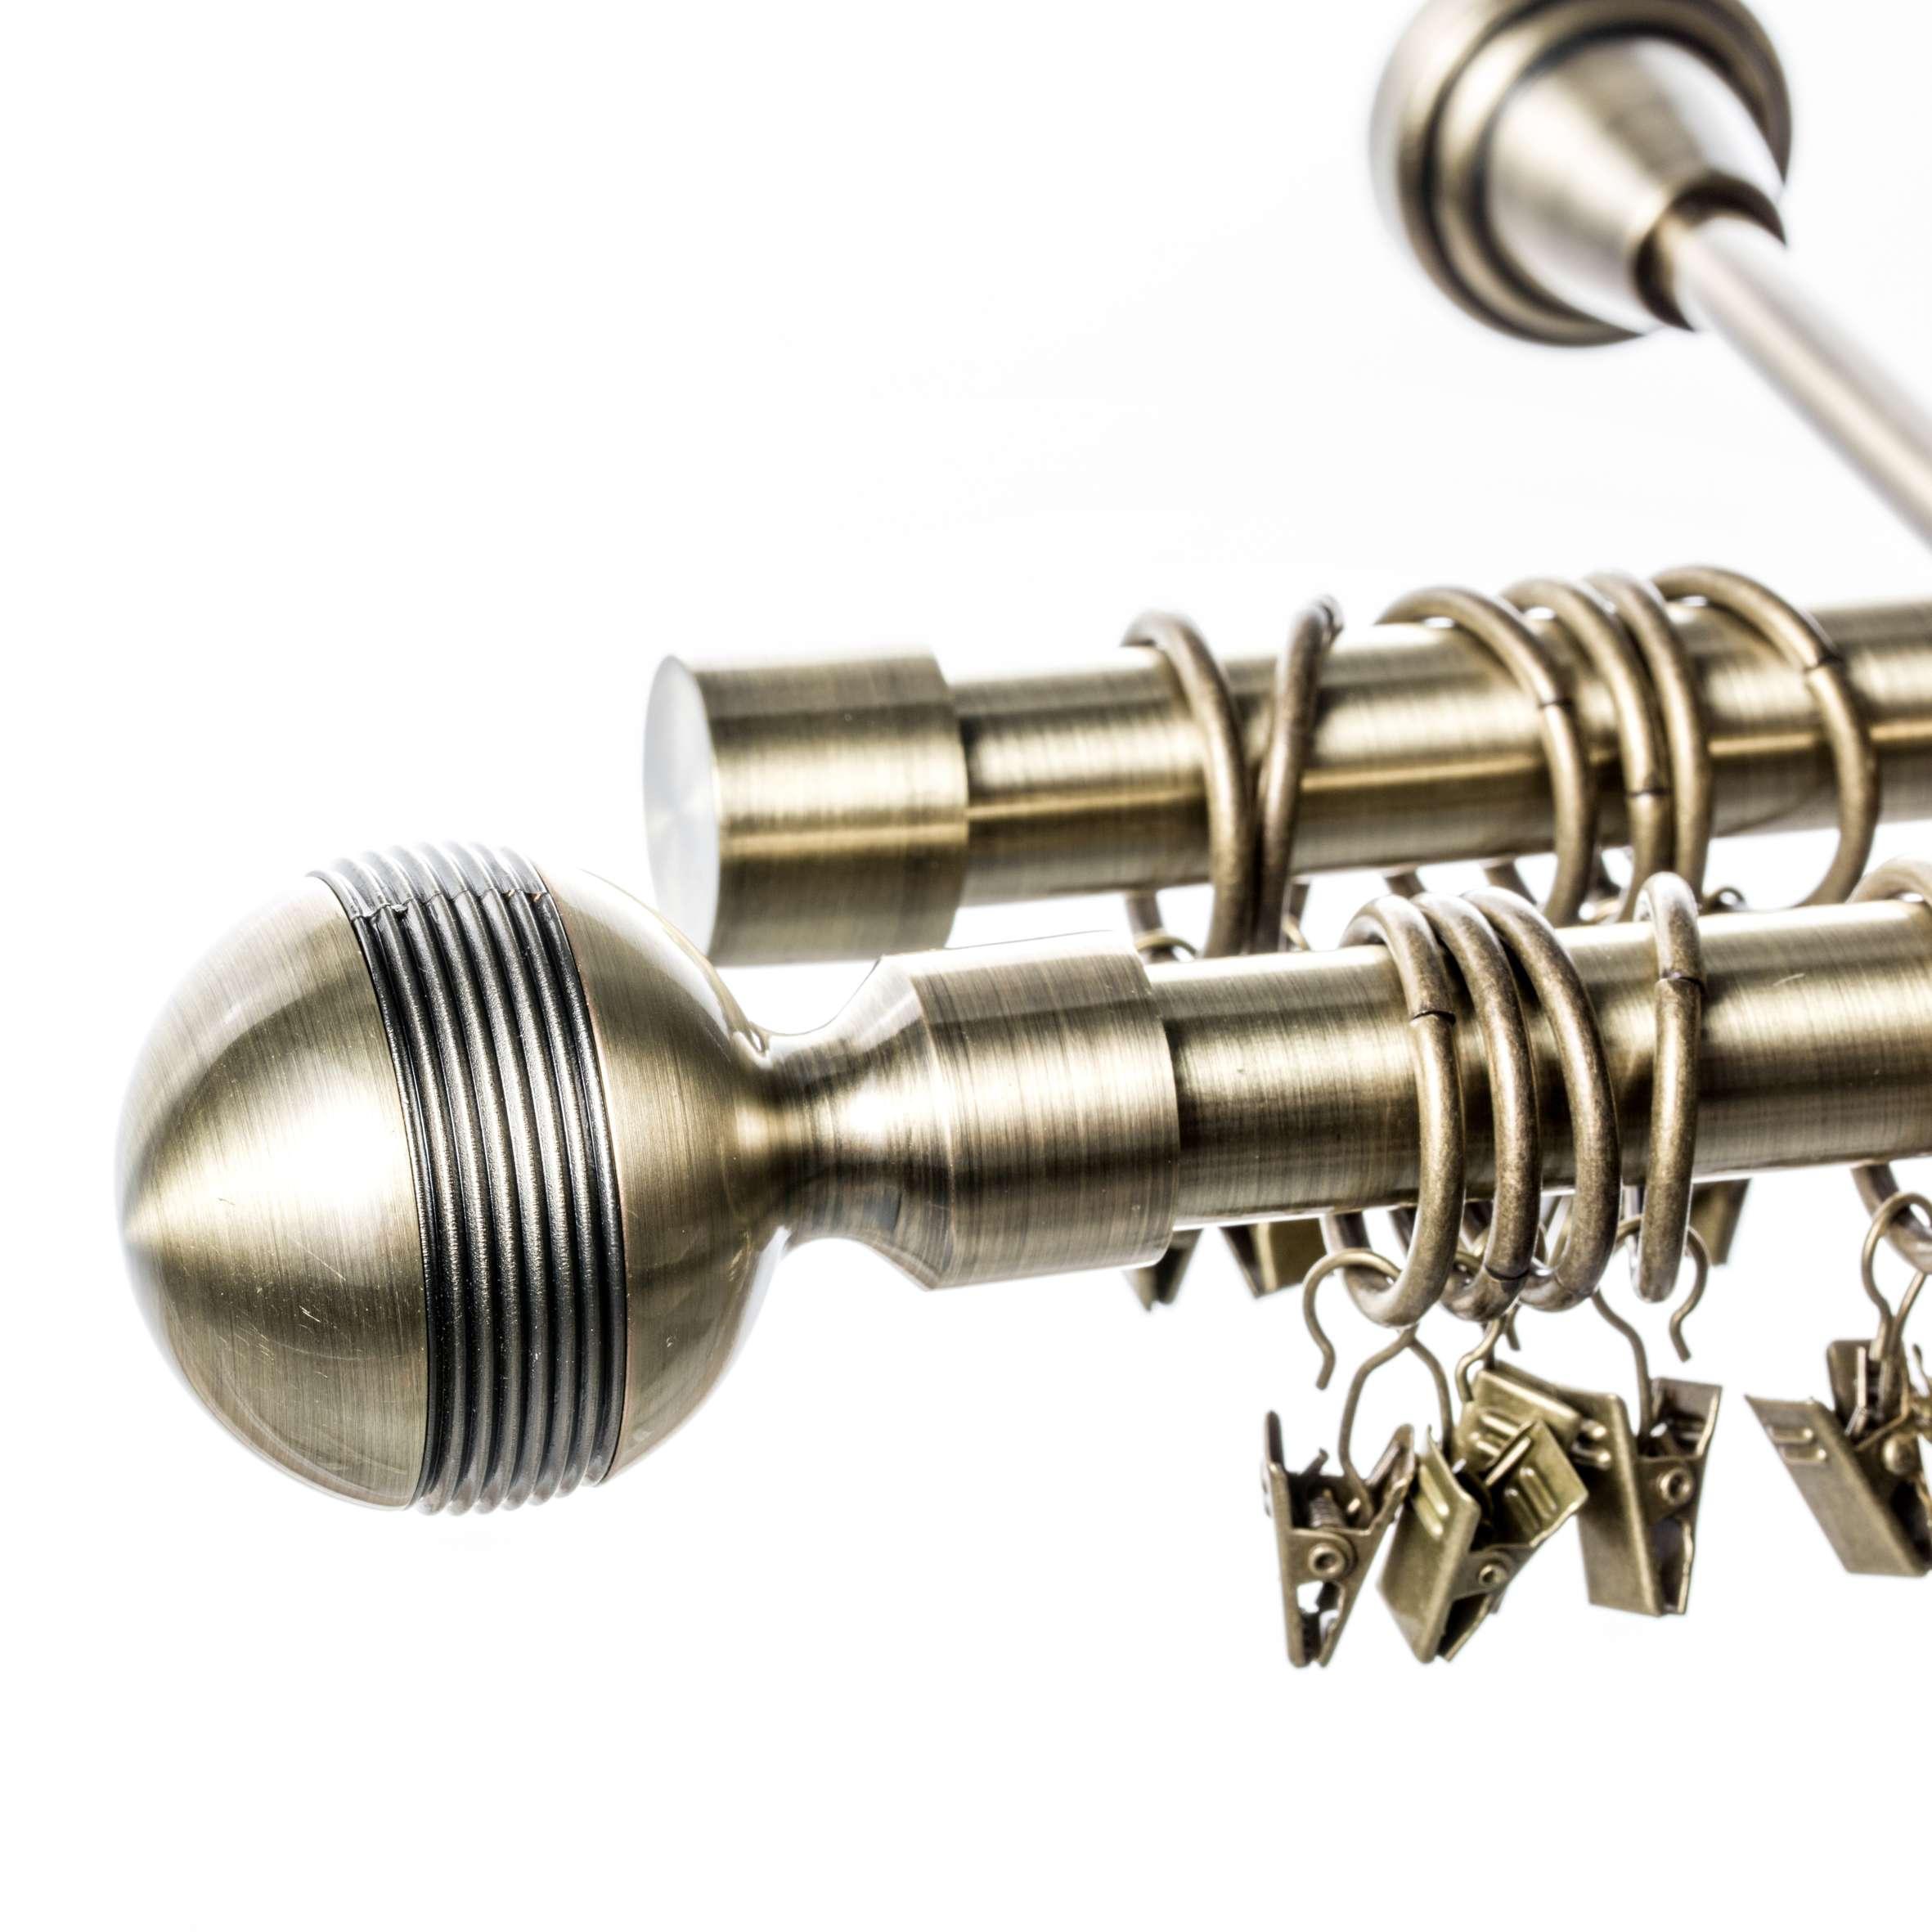 Karnisz podwójny Gabi złoty antyk 240 cm